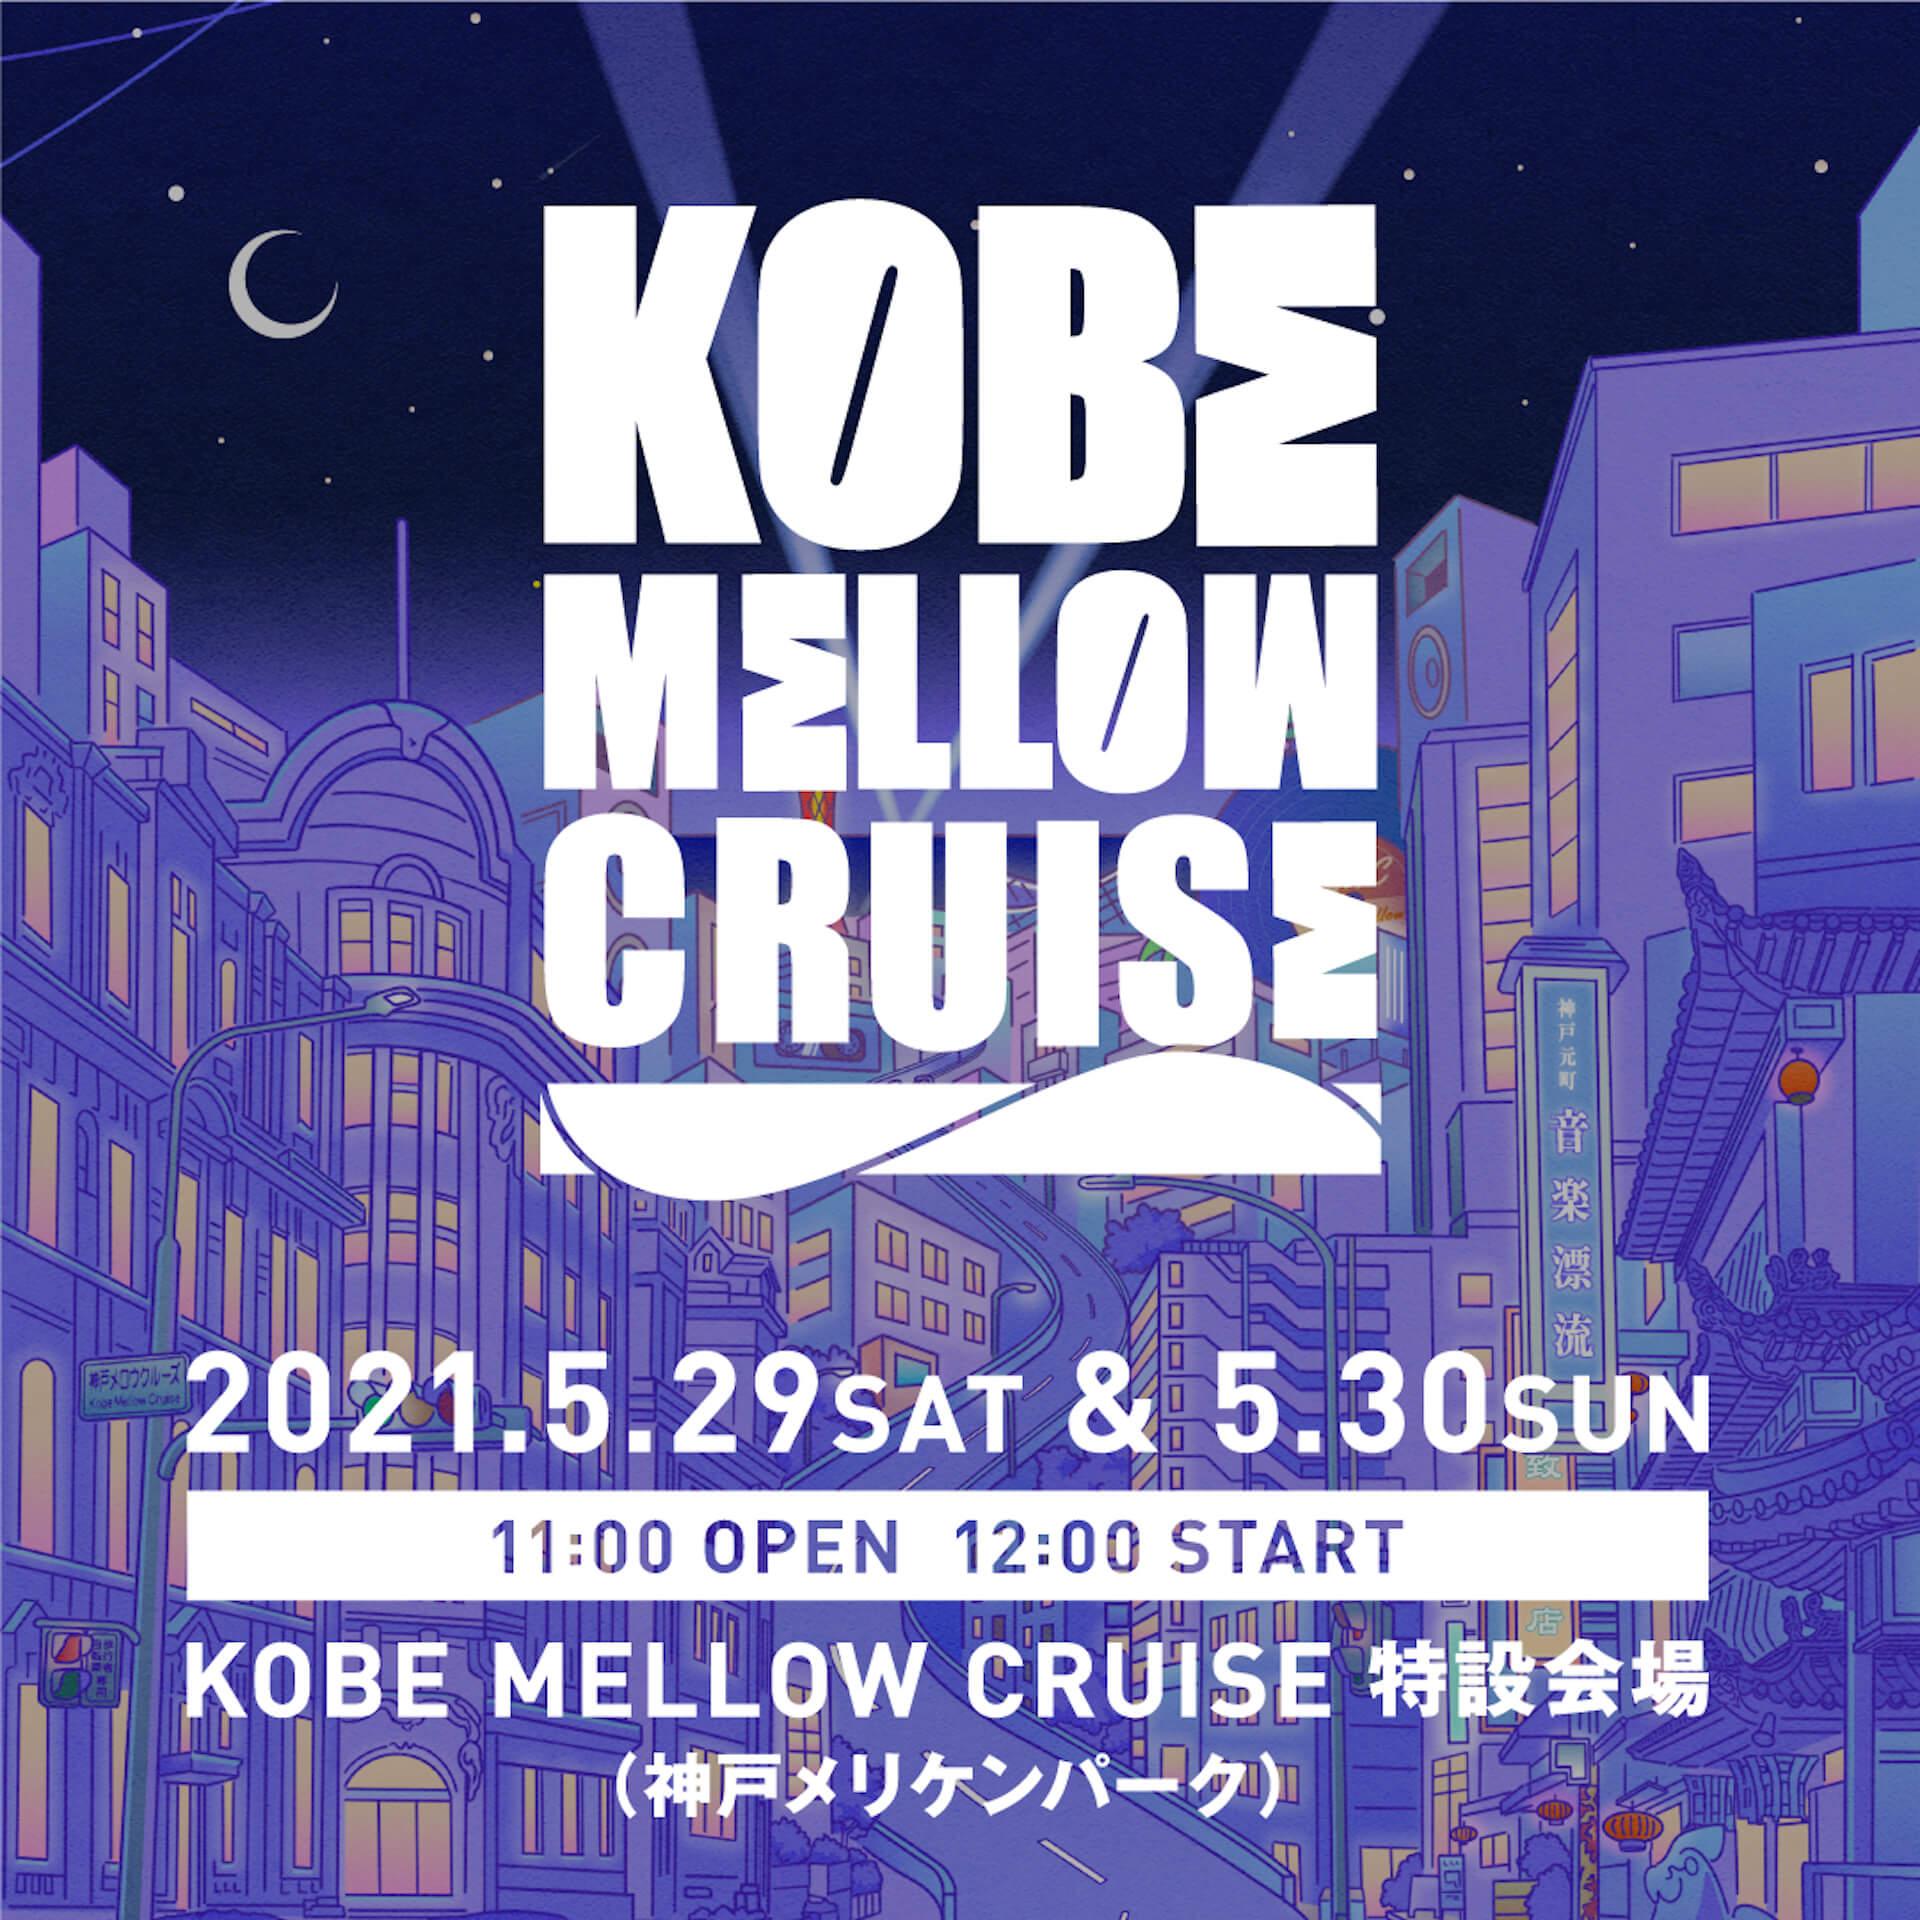 新フェス<KOBE MELLOW CRUISE>にAwich、tofubeats、BASI、ゆるふわギャングが出演決定!2日間の日割りも発表 music210226_kmc_1